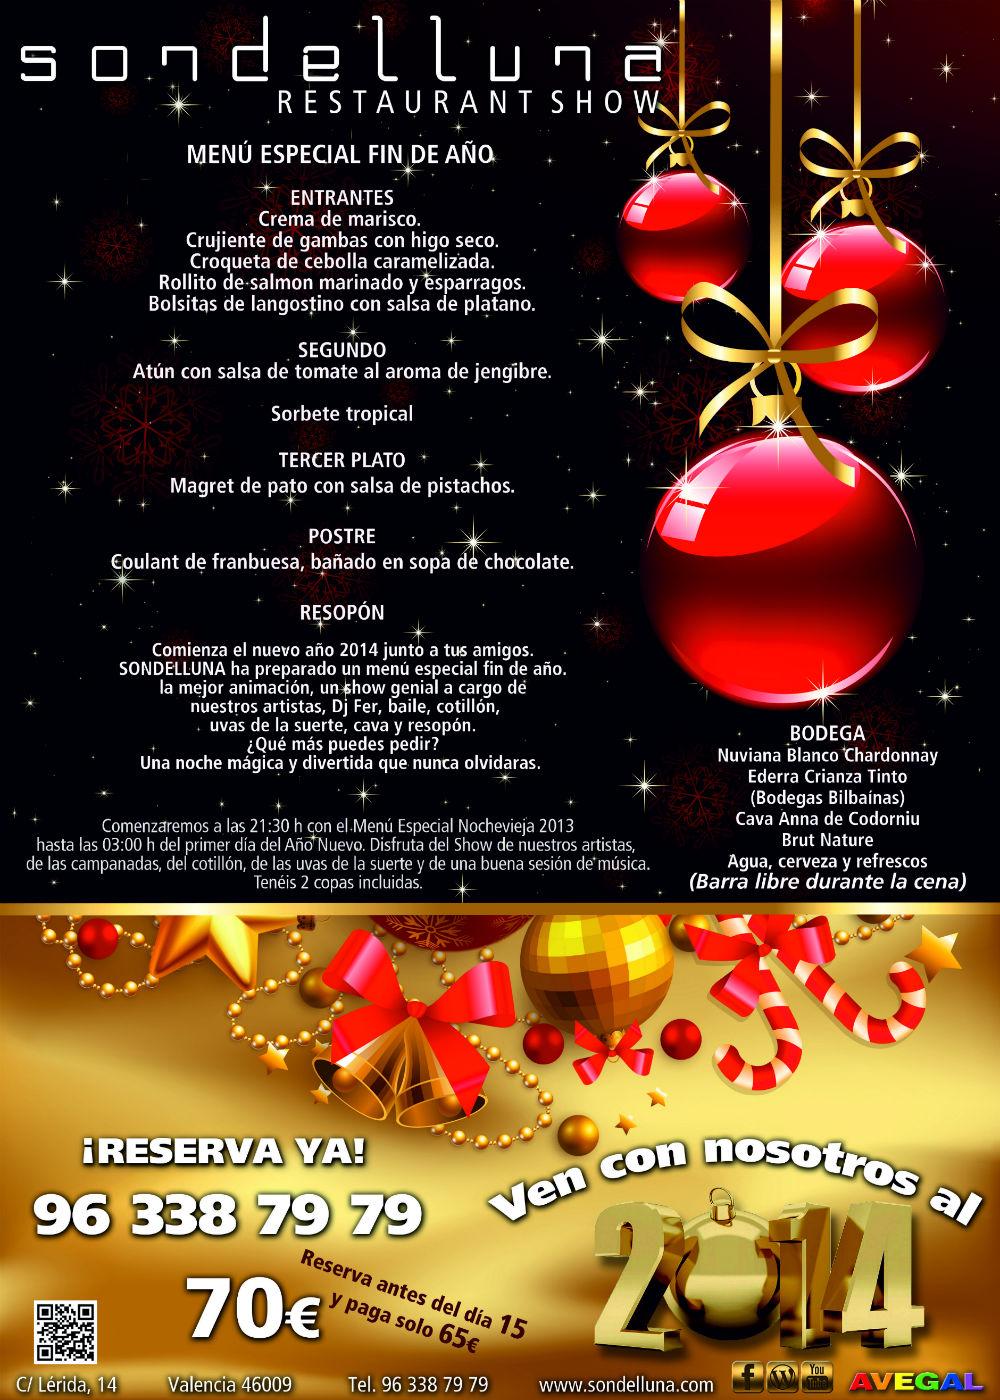 Cenas y comidas de navidad sondelluna restaurant show for Menu de fin de ano en casa